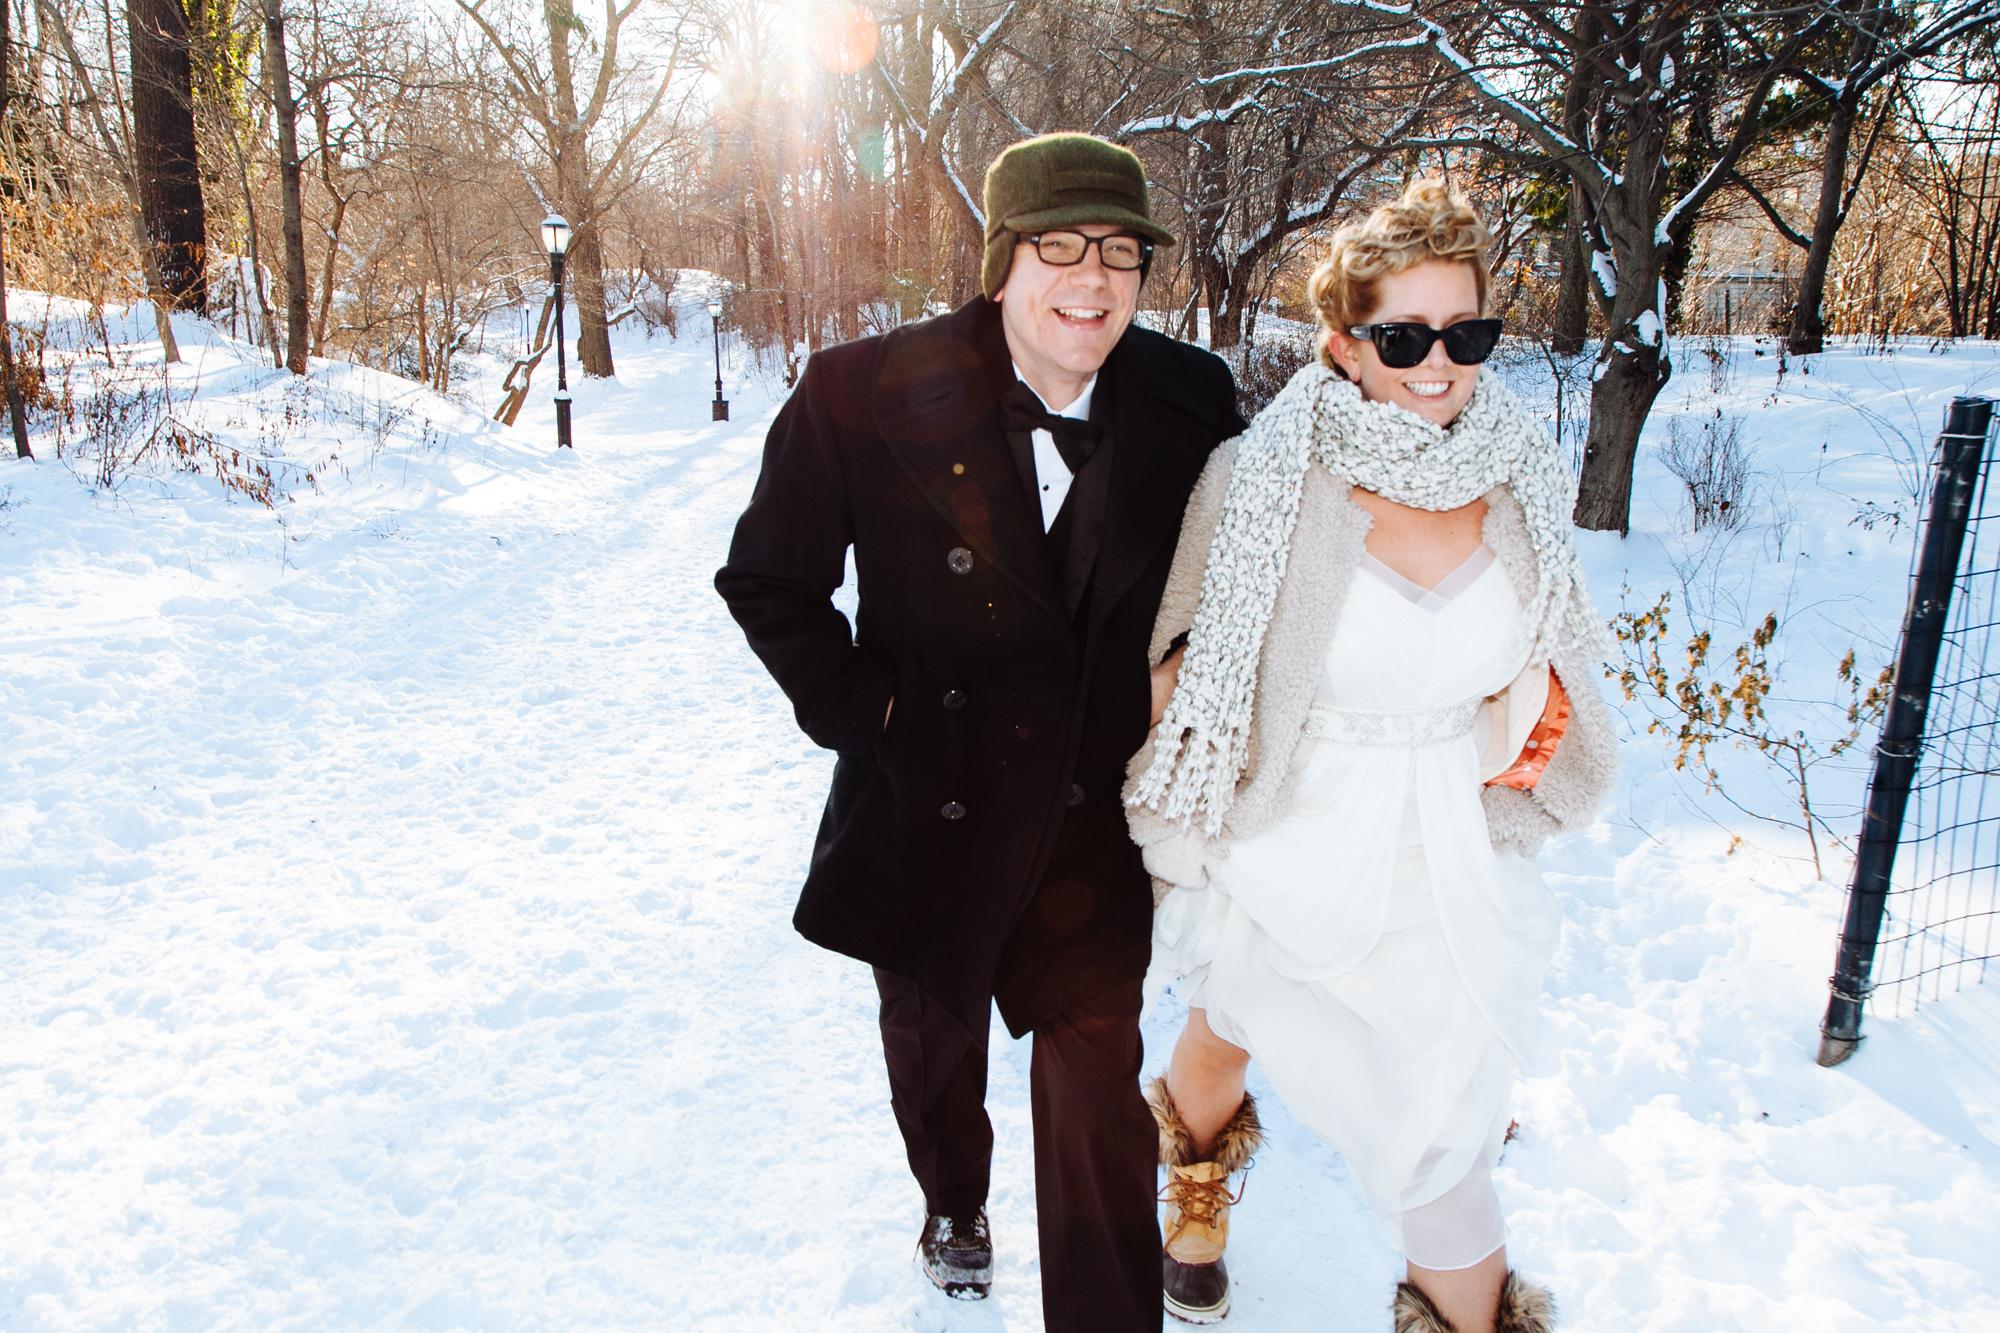 HeatherPhelpsLipton-Modern-WeddingPhotography-GreenBuilding-winter-prospectpark-16.jpg